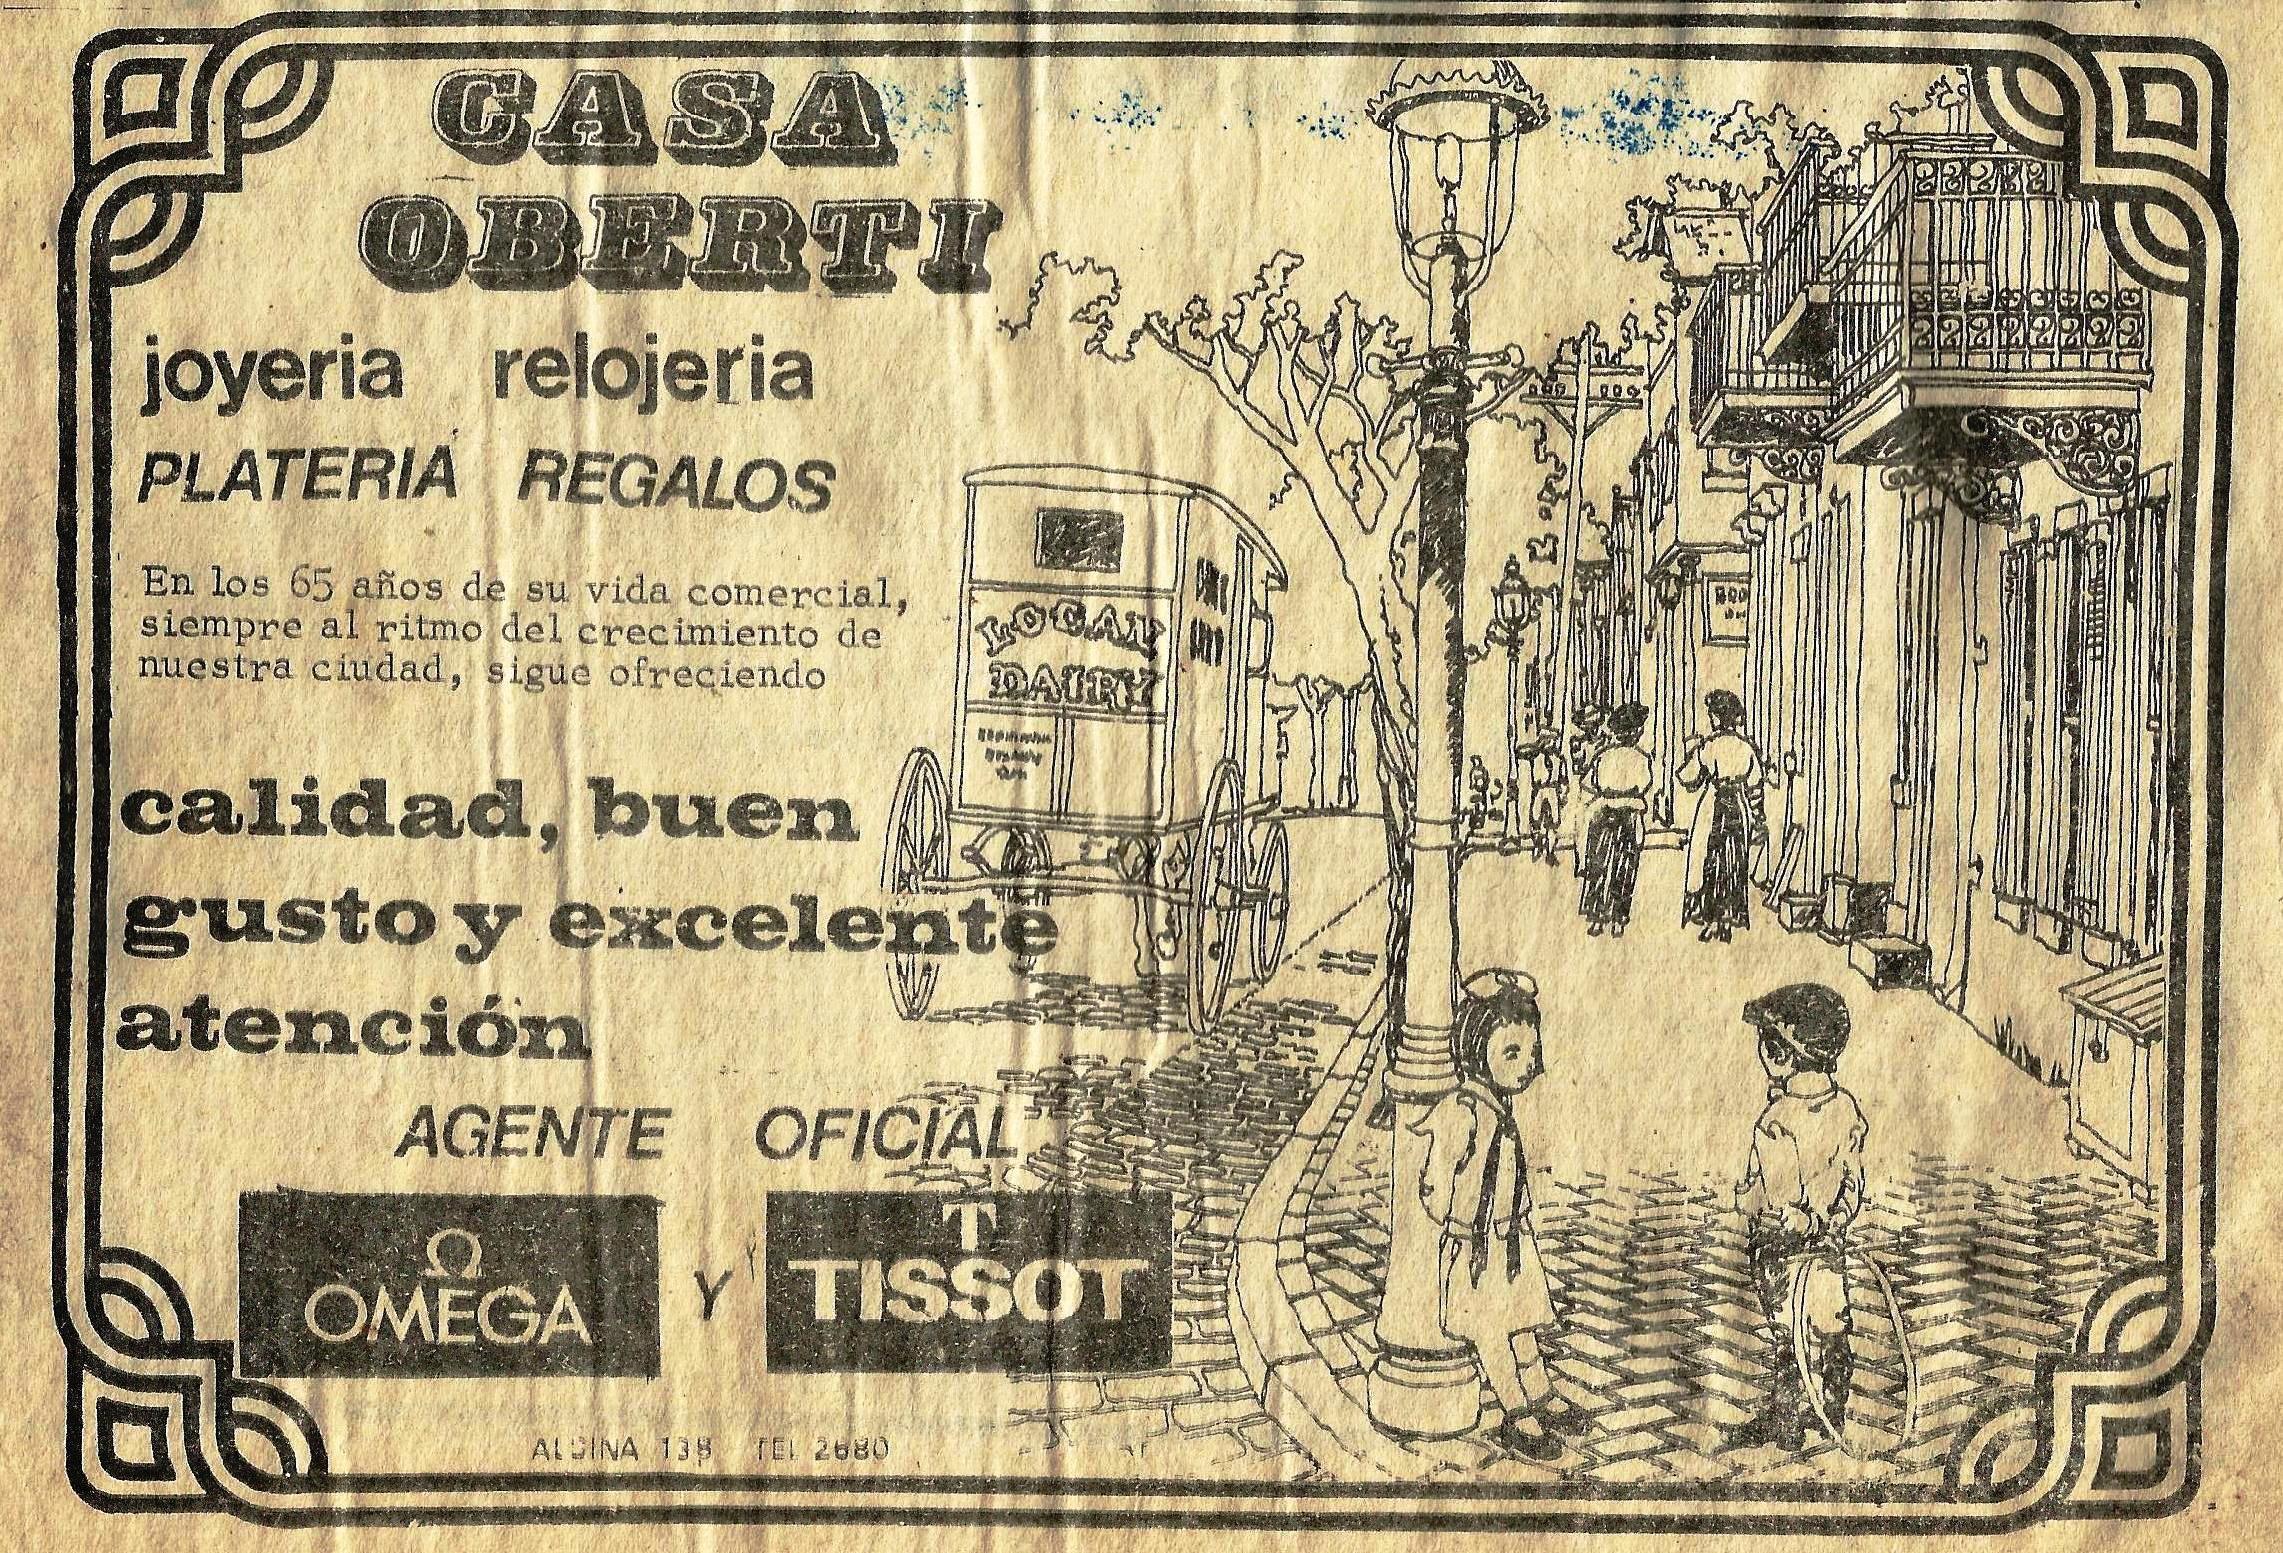 Mas de un siglo de platería y regalos en San Antonio de Areco. Publicidad de 1978.